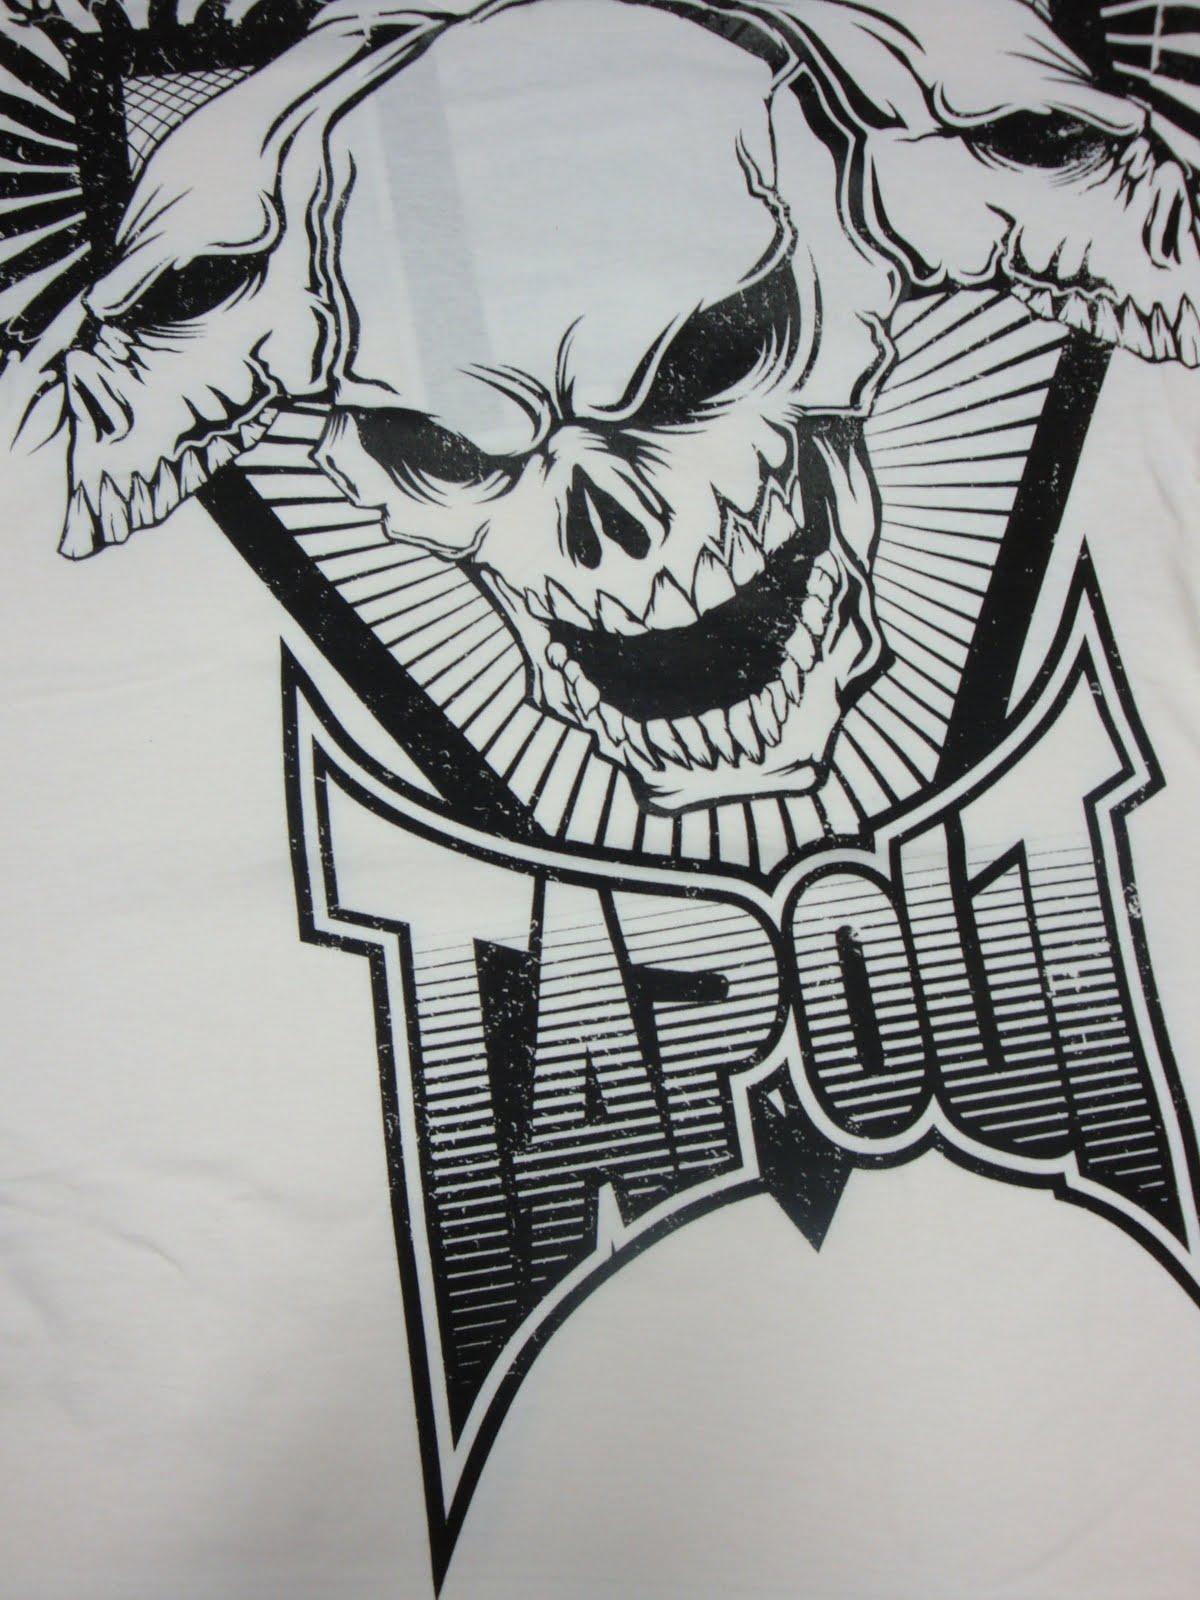 Tapout Designs Tapout designs aux hors duTapout Shirt Designs